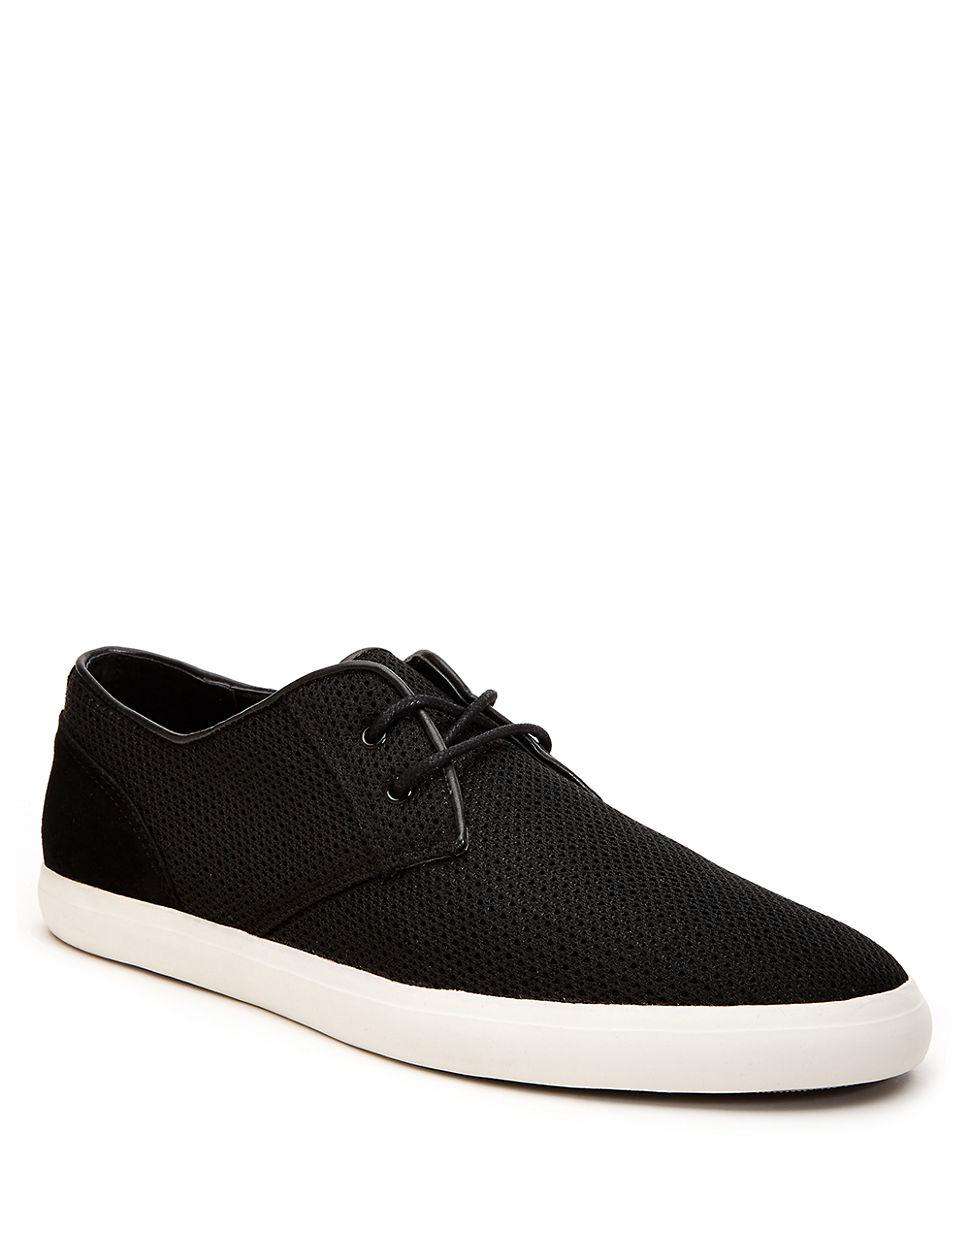 calvin klein parker mesh sneaker in black for men lyst. Black Bedroom Furniture Sets. Home Design Ideas